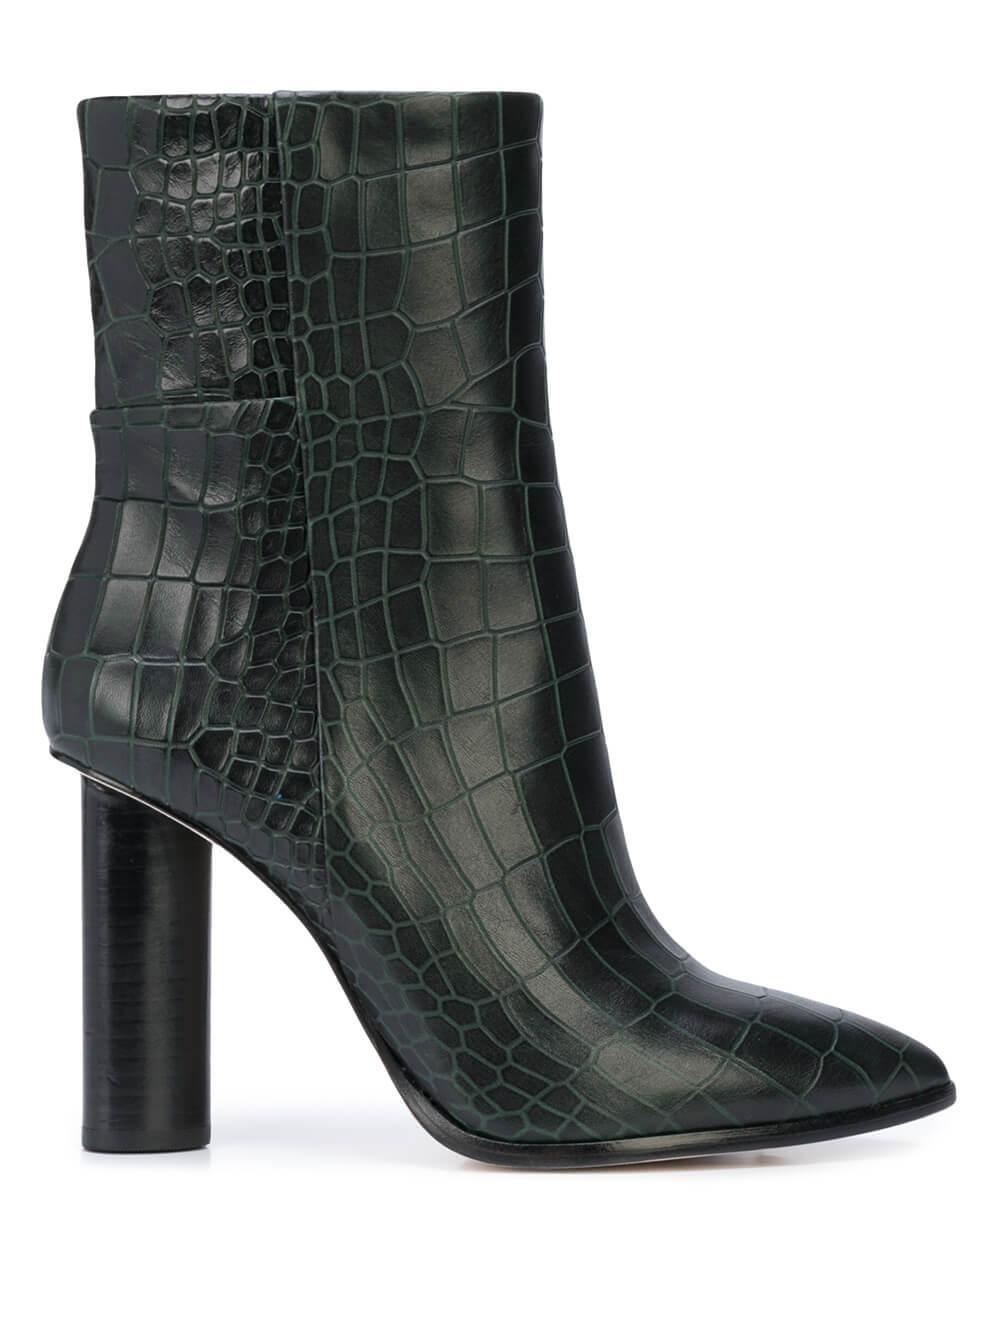 Kaylee Green Croc Side Zip Boot Item # SH19312-GRC